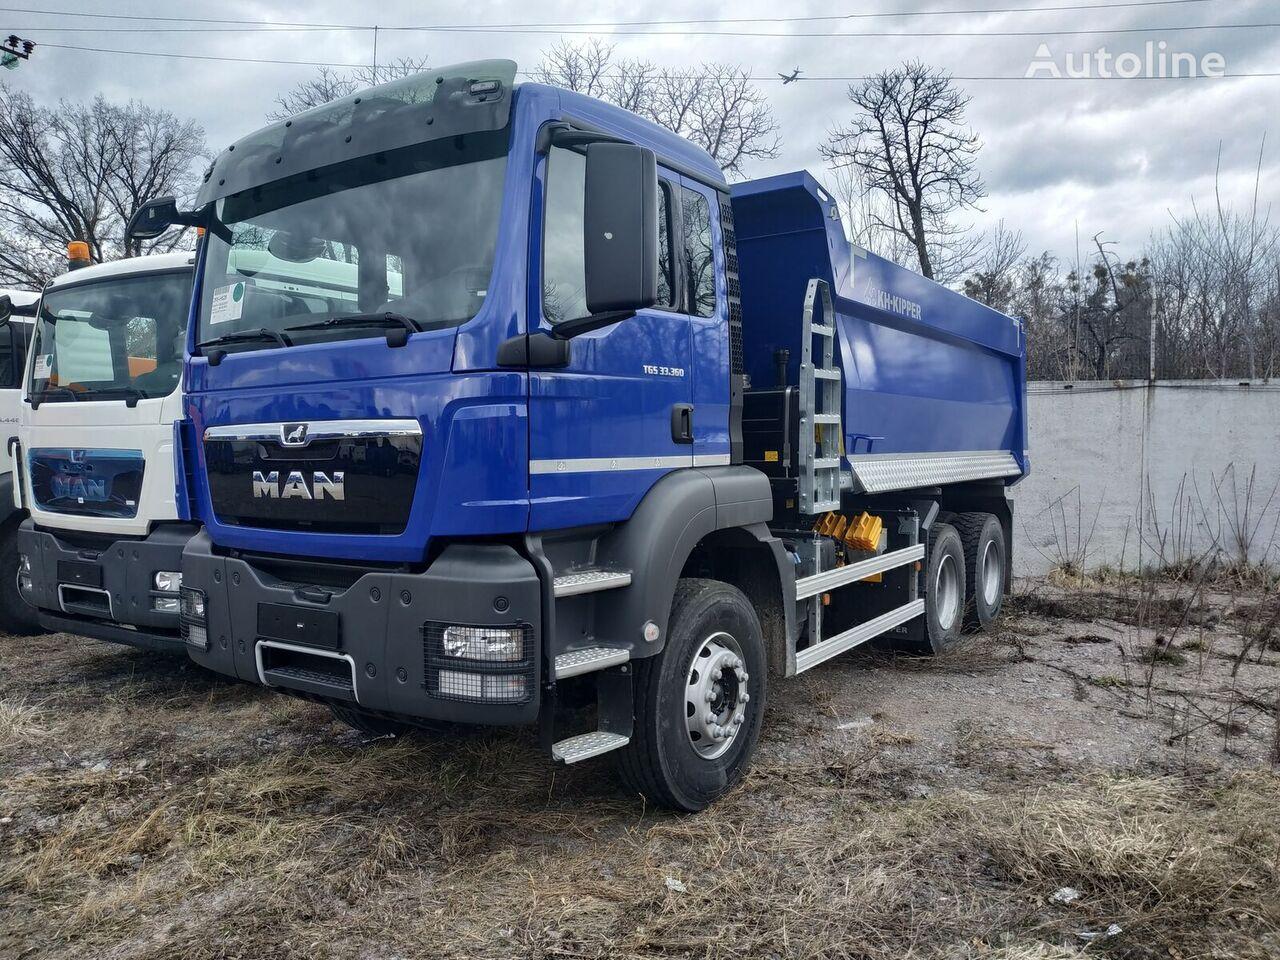 novi MAN TGS 33.360 kamion za prijevoz zrna